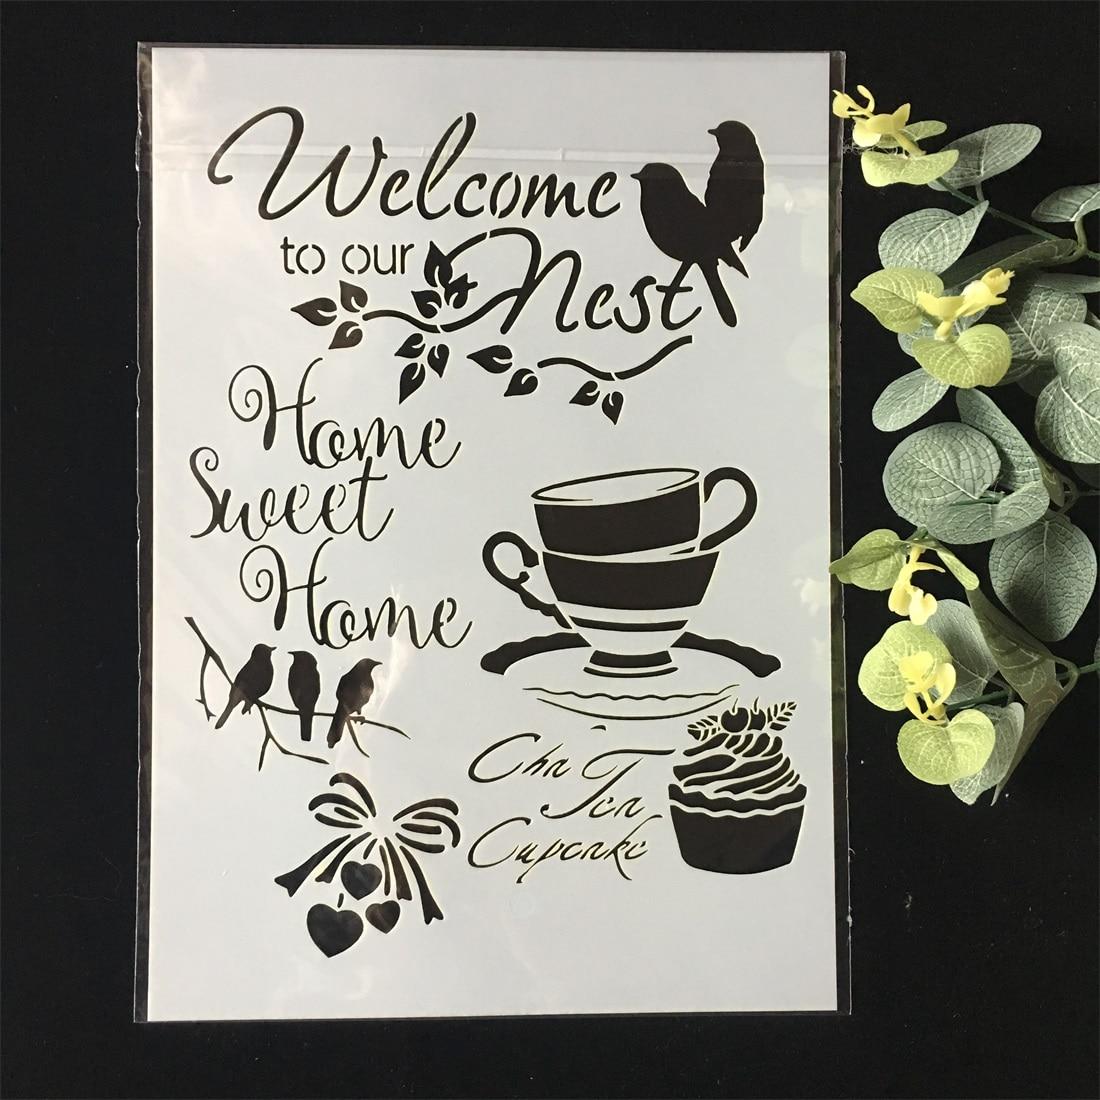 Nuevo A4 Bienvenido a nuestro nido DIY plantillas de capas, pintura de pared, libro de recortes colorear, grabación en relieve, álbum decorativo, plantilla de tarjeta de papel